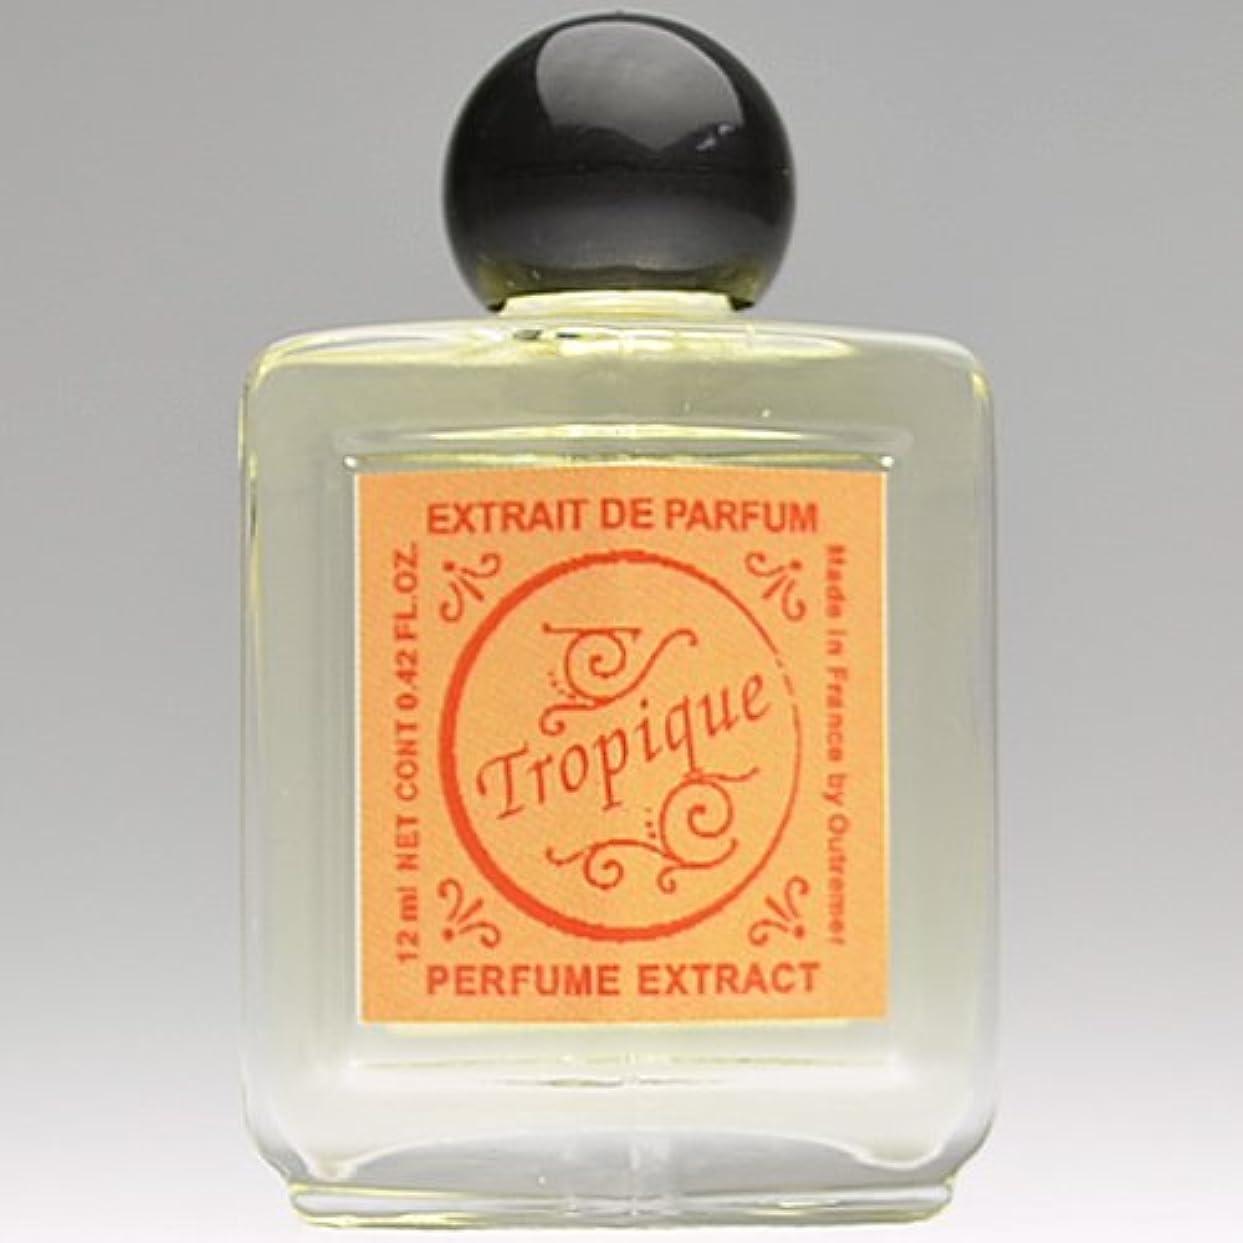 ラオス人血色の良いシュートL'Aromarine(アロマリン) パフュームエクストラクト(アロマオイル) 12ml 「トロピカル」 4994228017024